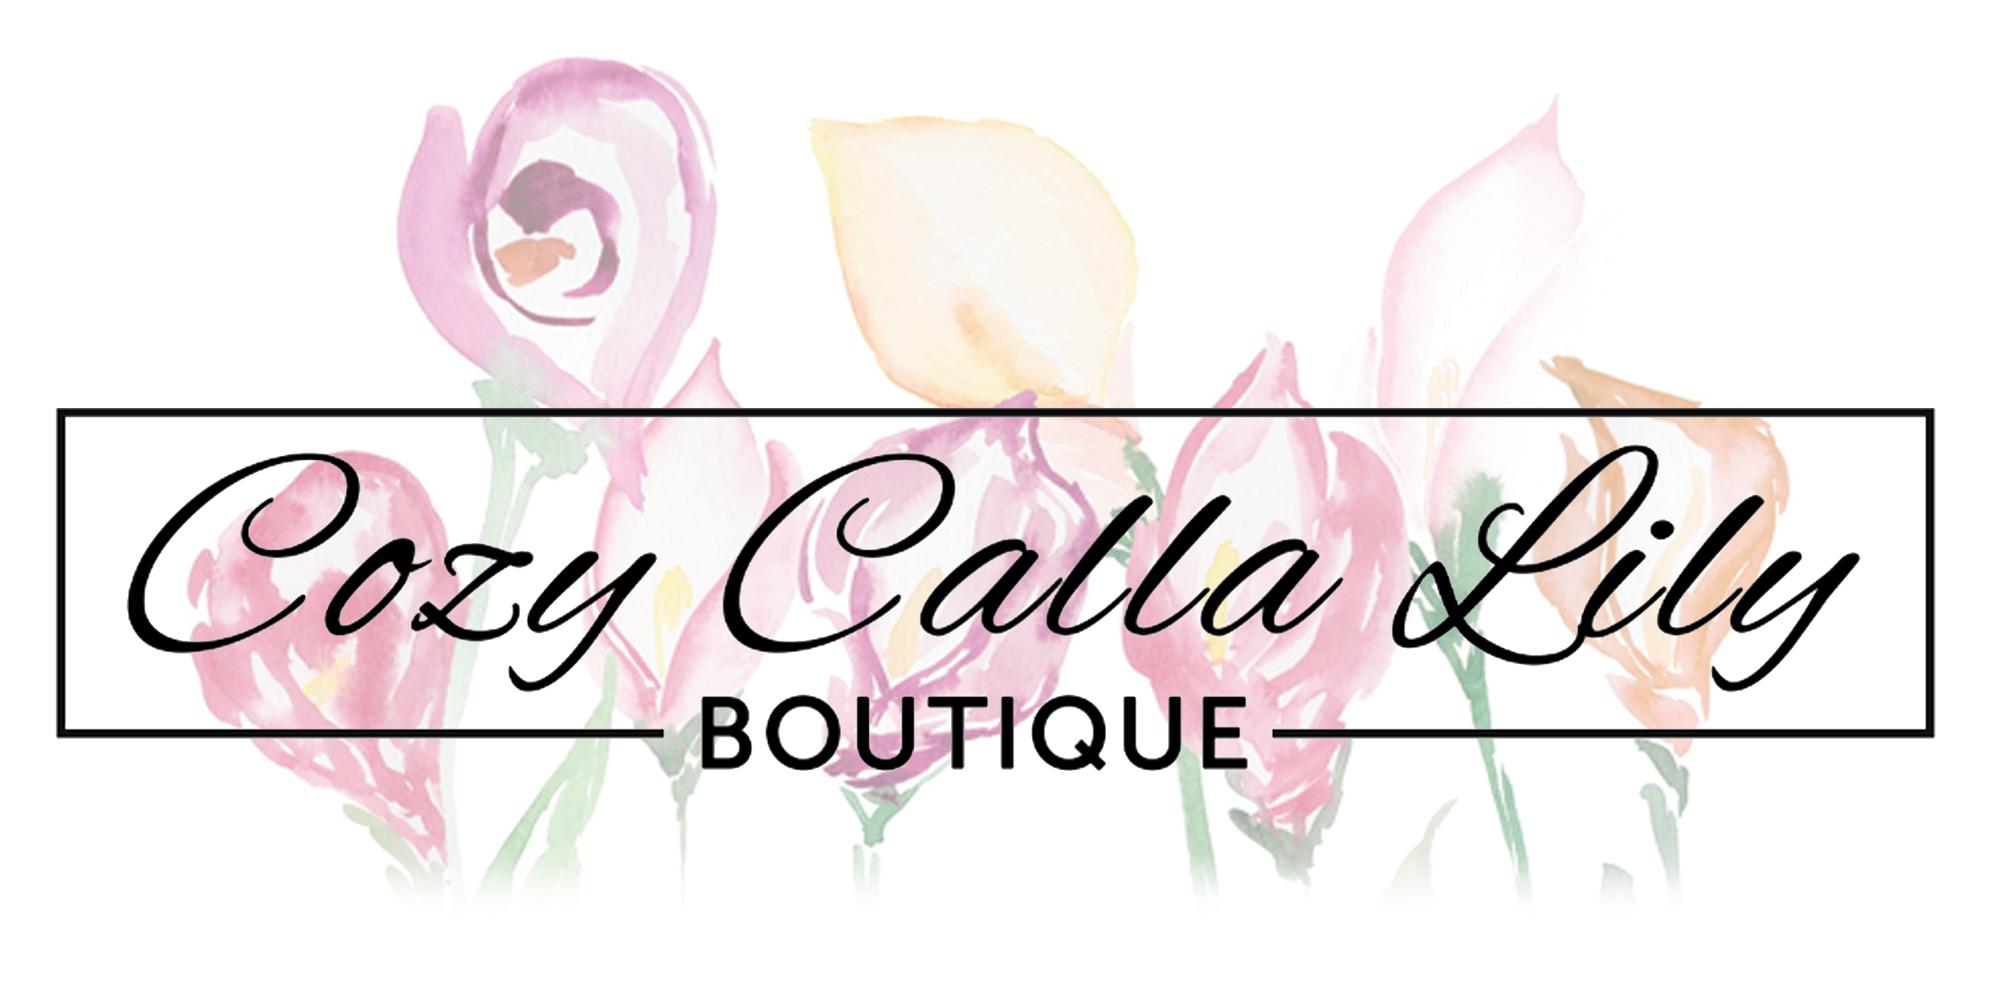 Cozy Calla Lily 2000x1000 Google.png